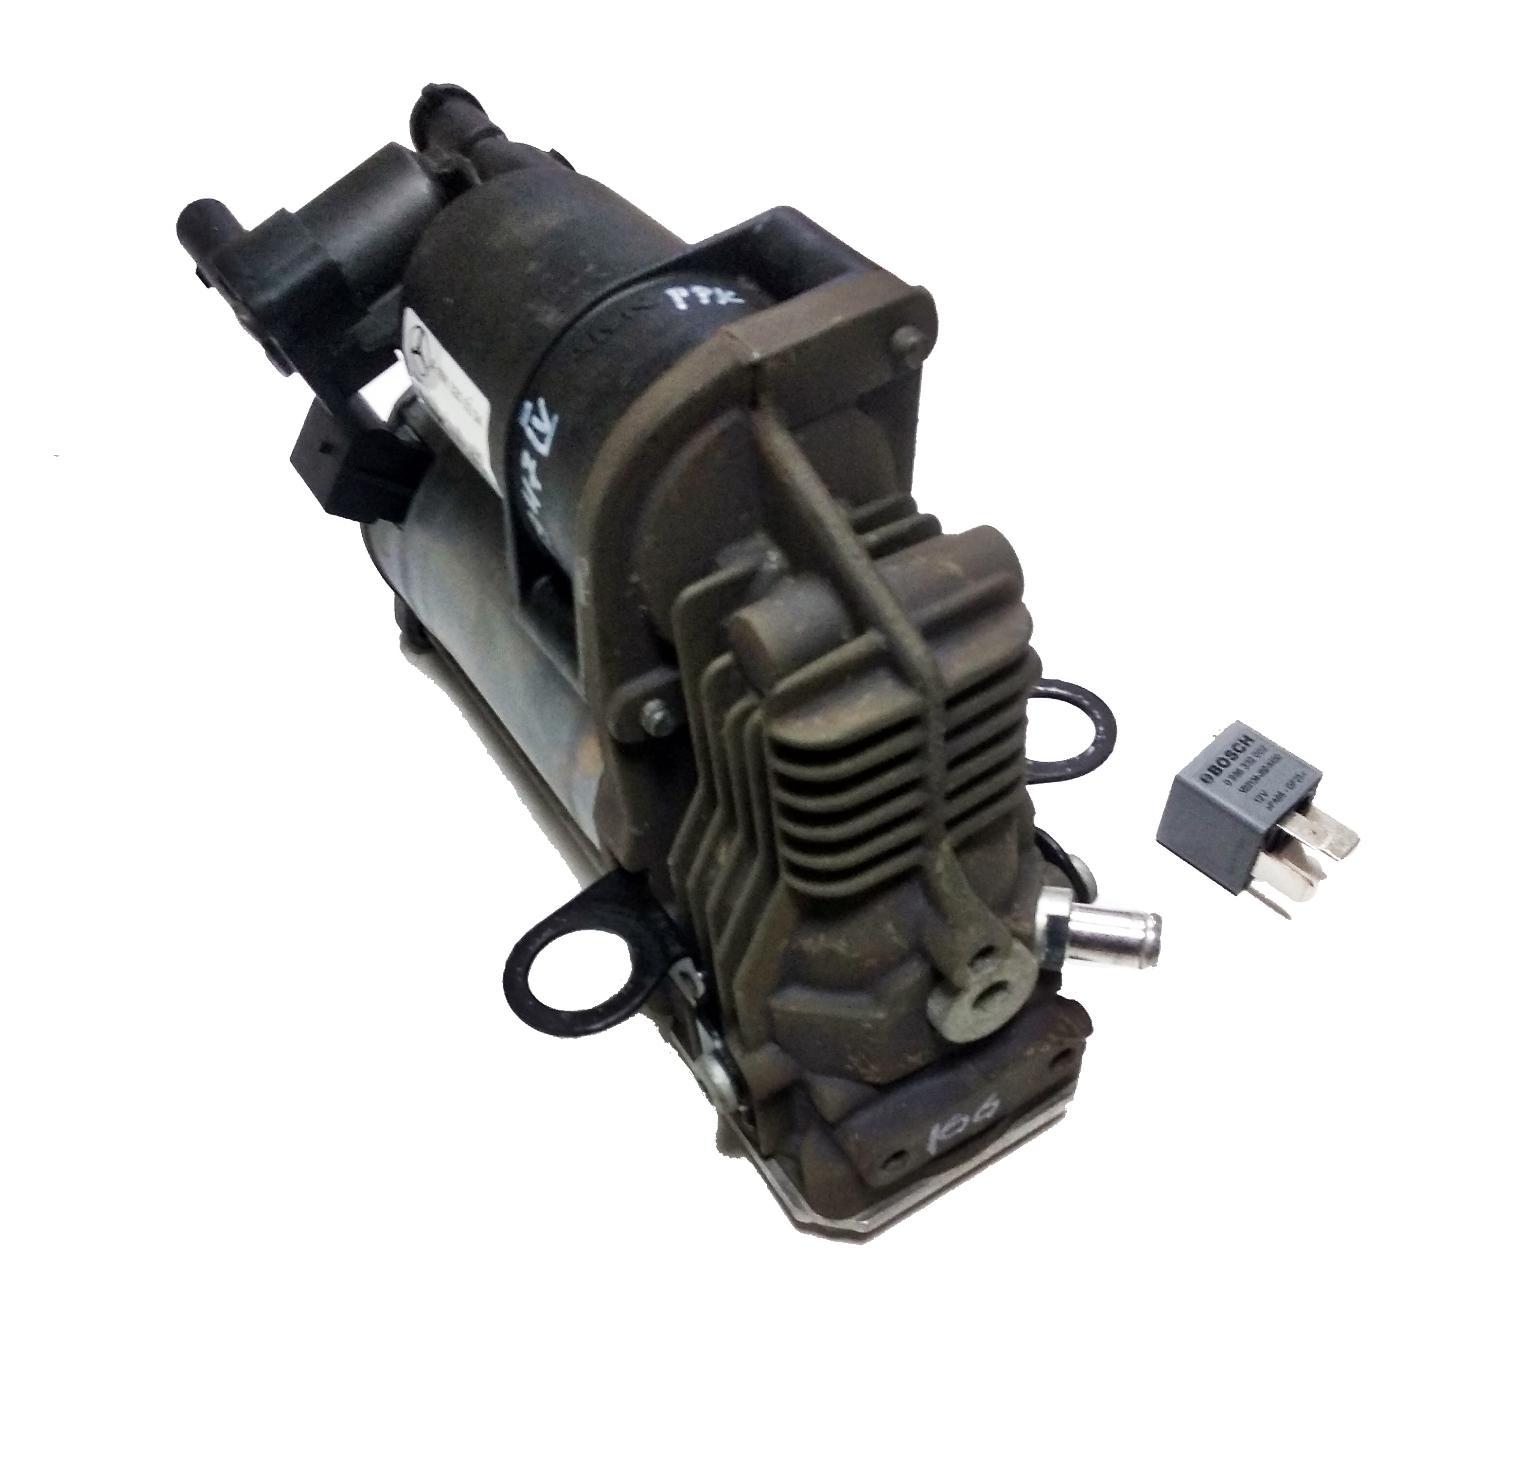 картинка Оригинальный восстановленный компрессор пневмоподвески AMK для Mercedes W166 ML\GL (A1663200104) от магазина пневмоподвески ПневмоМаркет